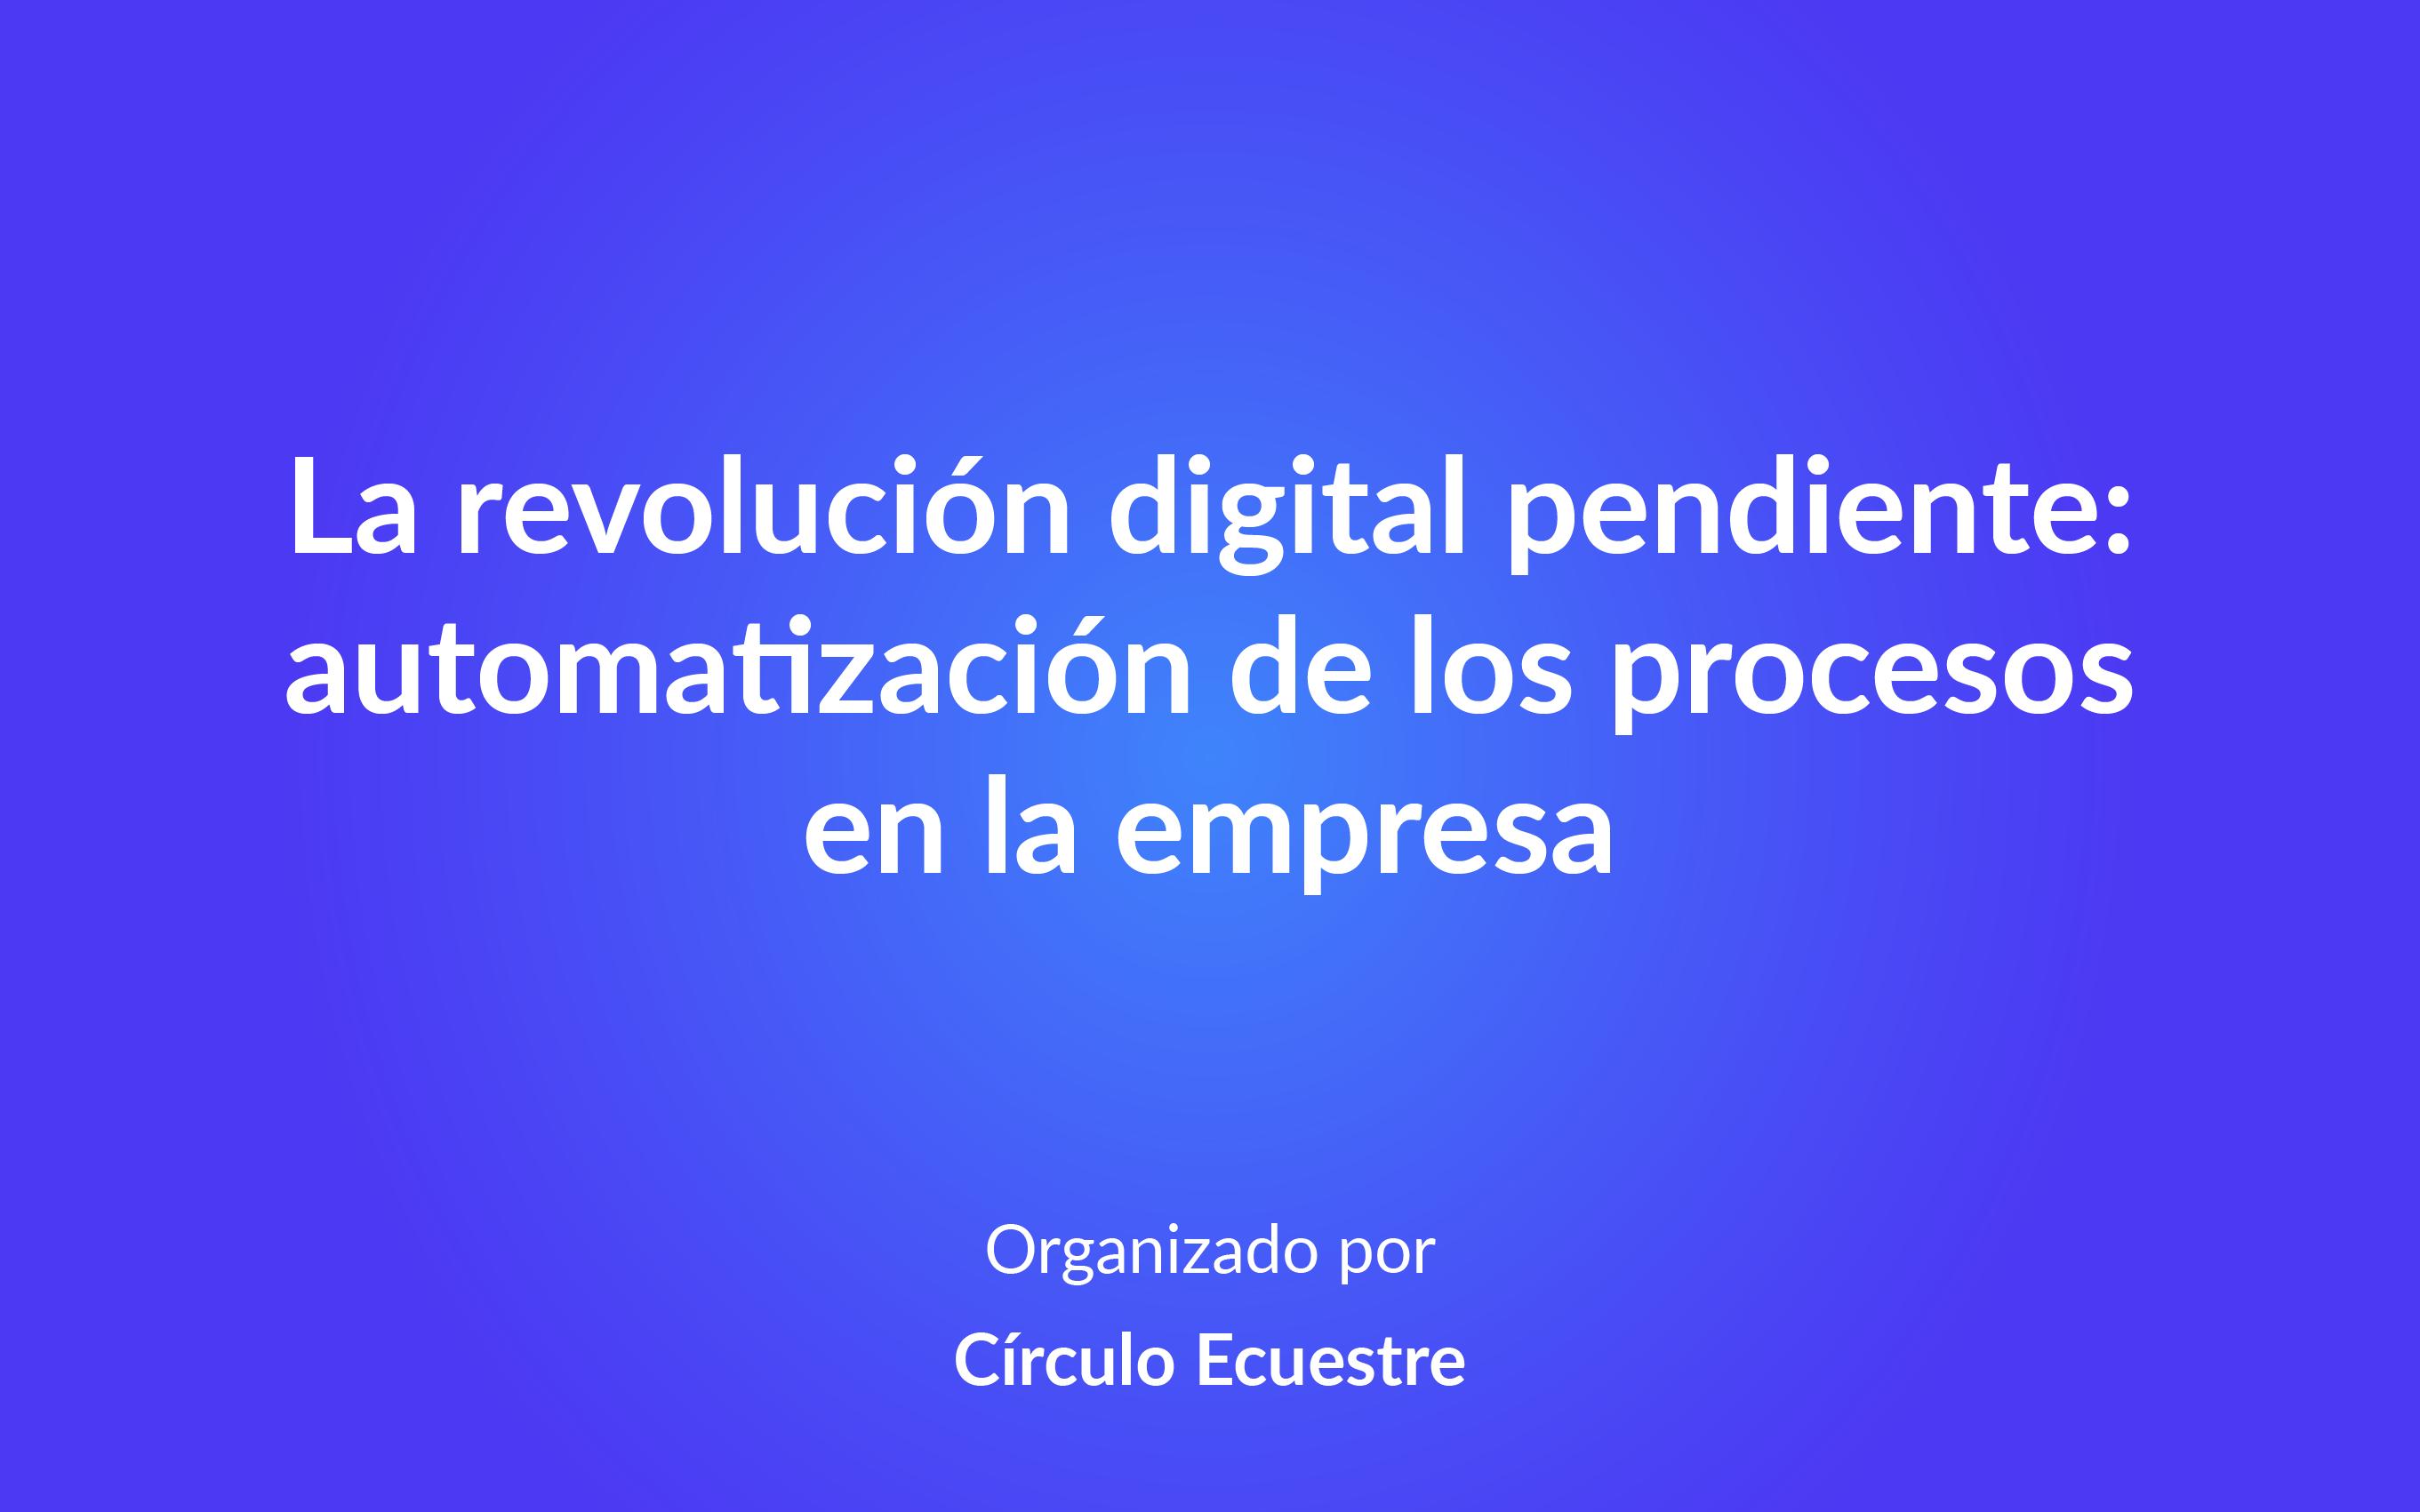 La revolución digital pendiente: automatización de los procesos en la empresa